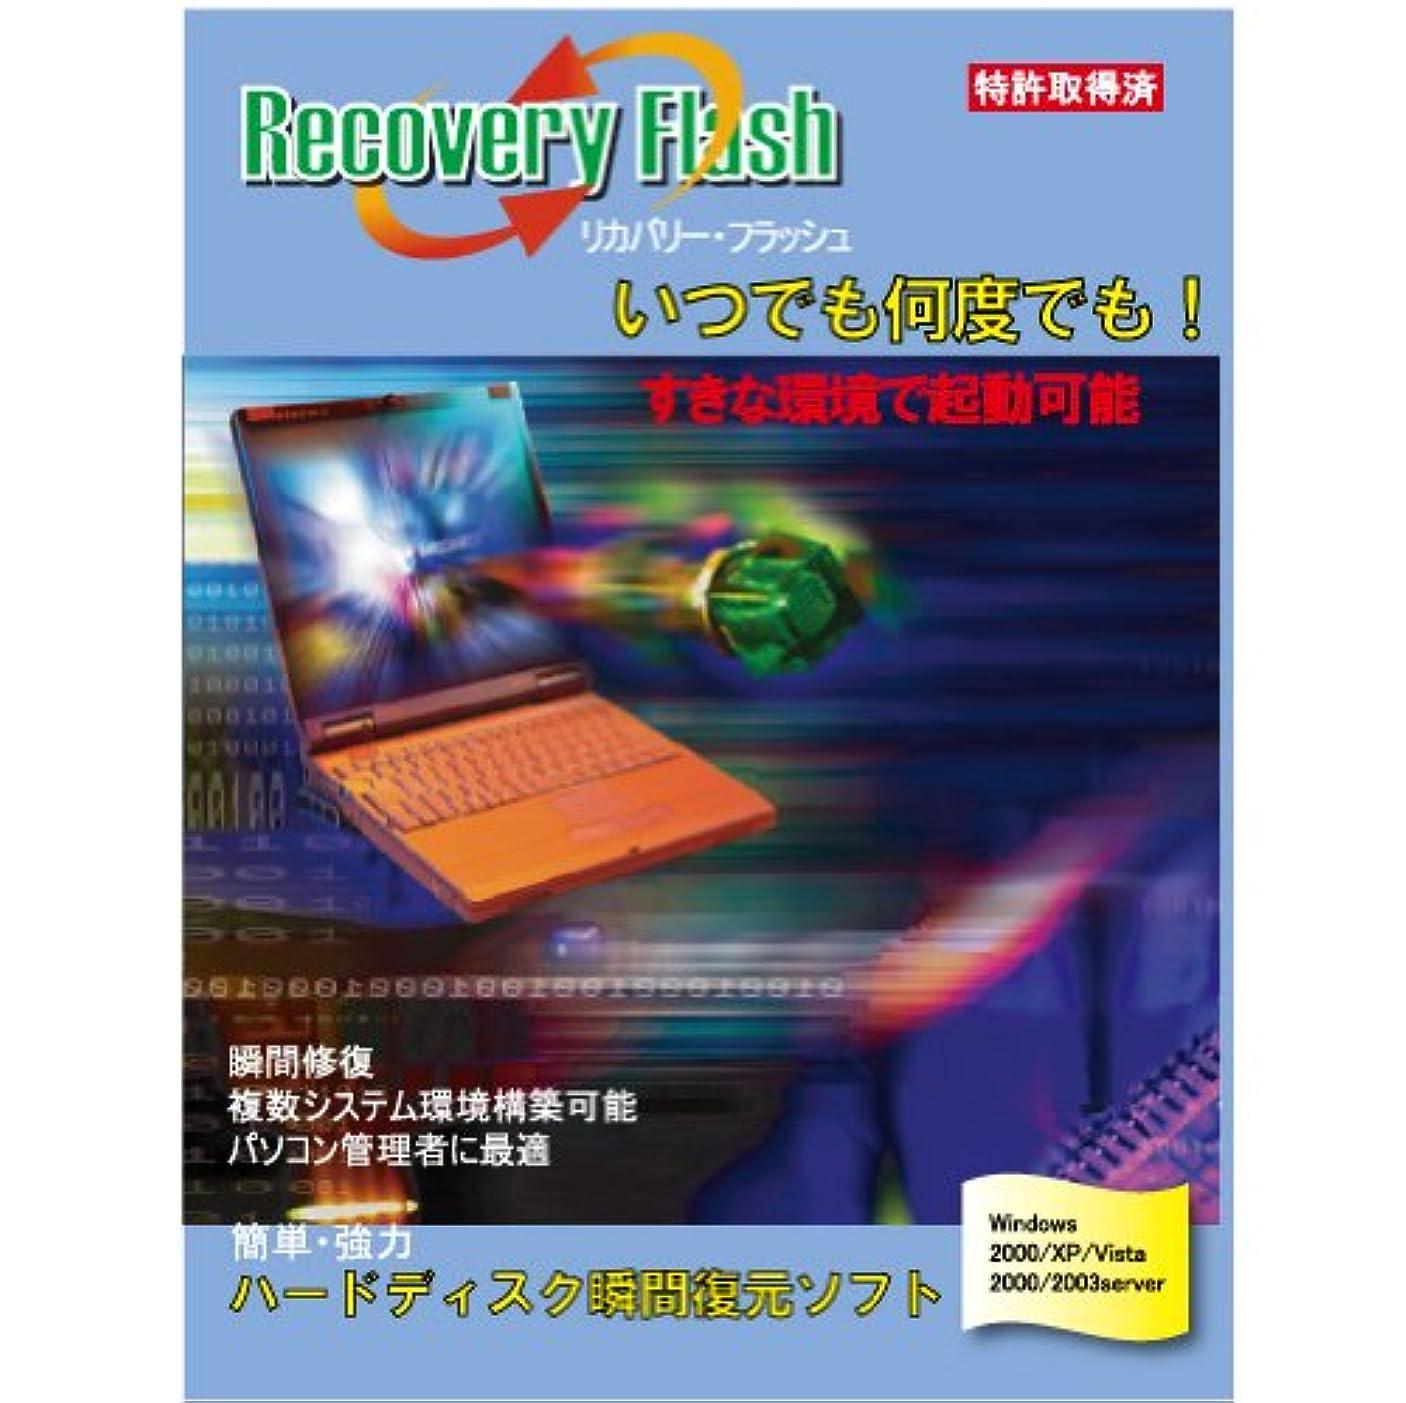 空洞おしゃれな日焼けPC環境を最大3パターン記憶可能!HDD瞬間復元ソフト リカバリー?フラッシュ?ライト Ver4